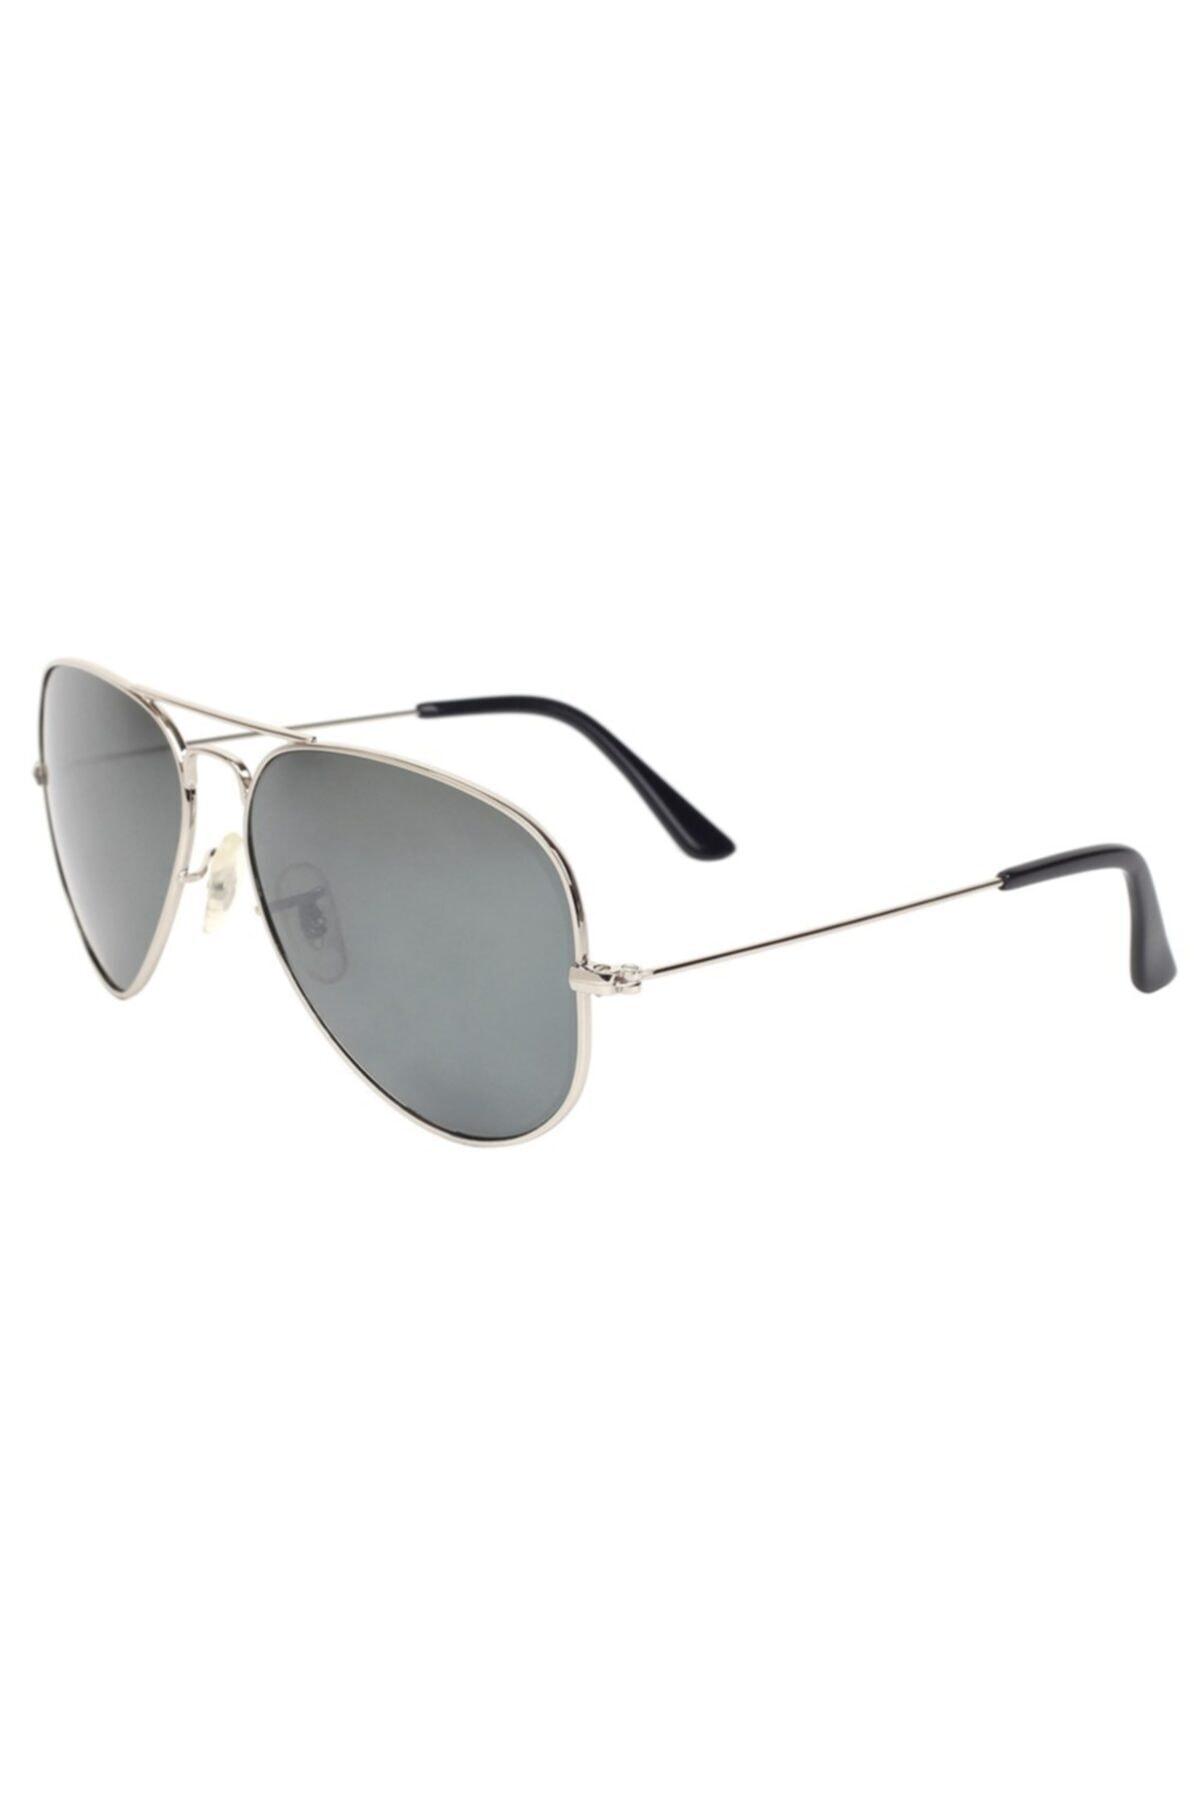 فروش اینترنتی عینک آفتابی زنانه با قیمت برند Flirt رنگ نقره کد ty68136148